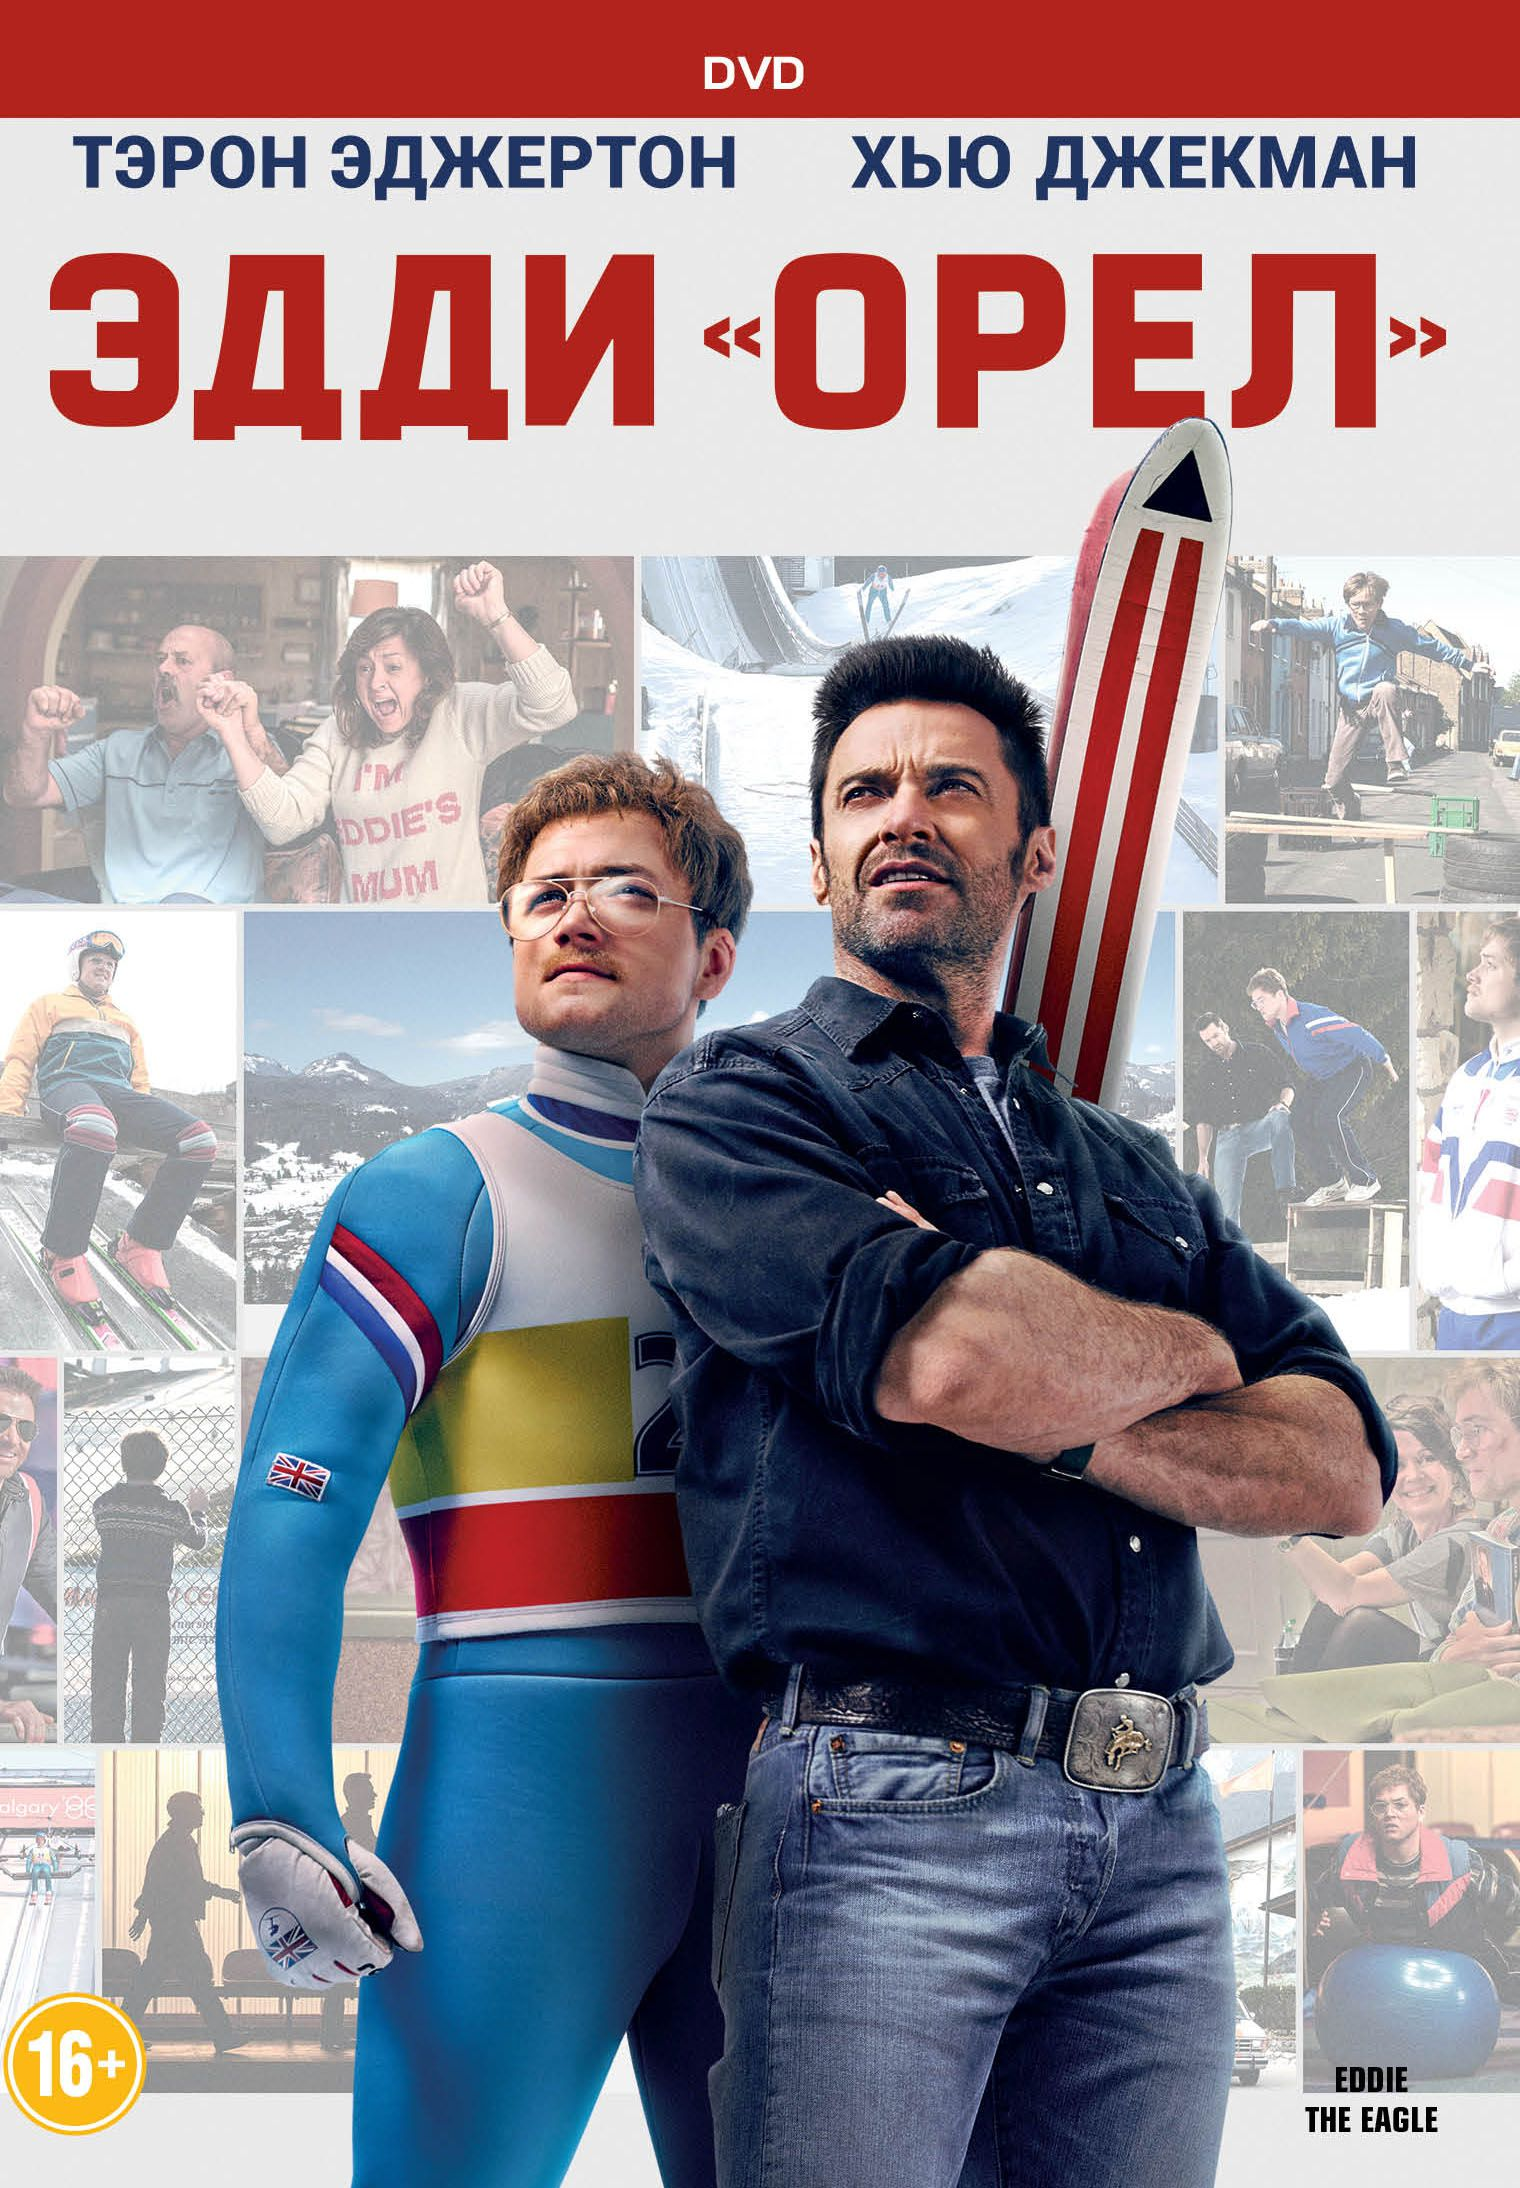 Эдди «Орёл» (DVD) Eddie the EagleФильм Эдди «Орёл» повествует о трамплинисте Эдди, по прозвищу «Орел». Он прославился благодаря своим неудачам, ибо на всех соревнованиях он занимал последние места.<br>